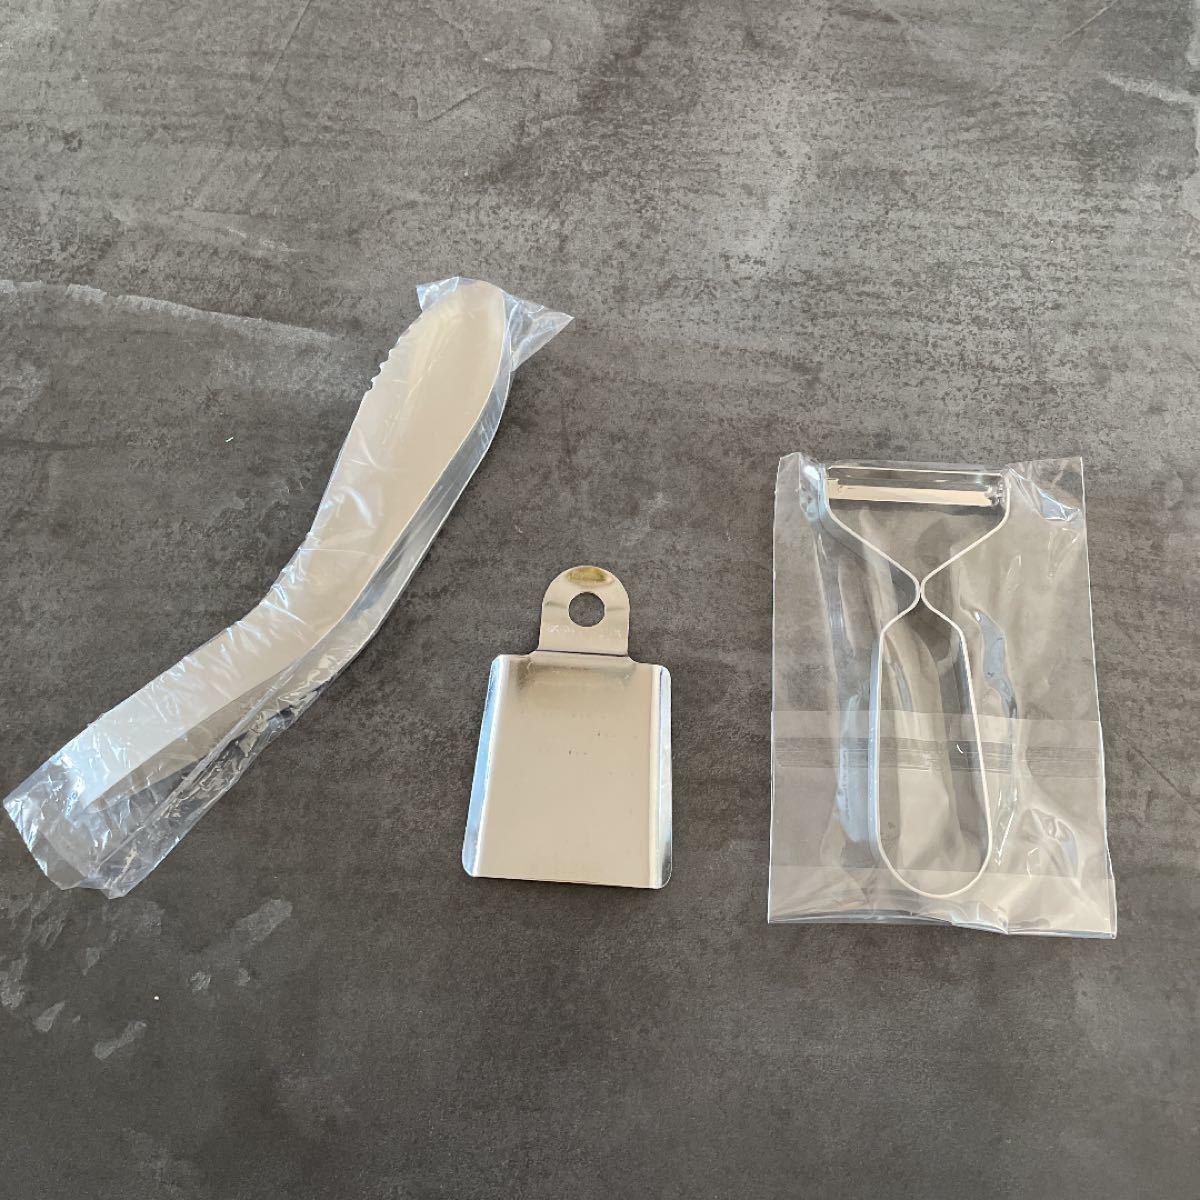 ツバメカトラリー ピーラー&おろし金&トング 3点セット 新品未使用 made in tsubame 燕